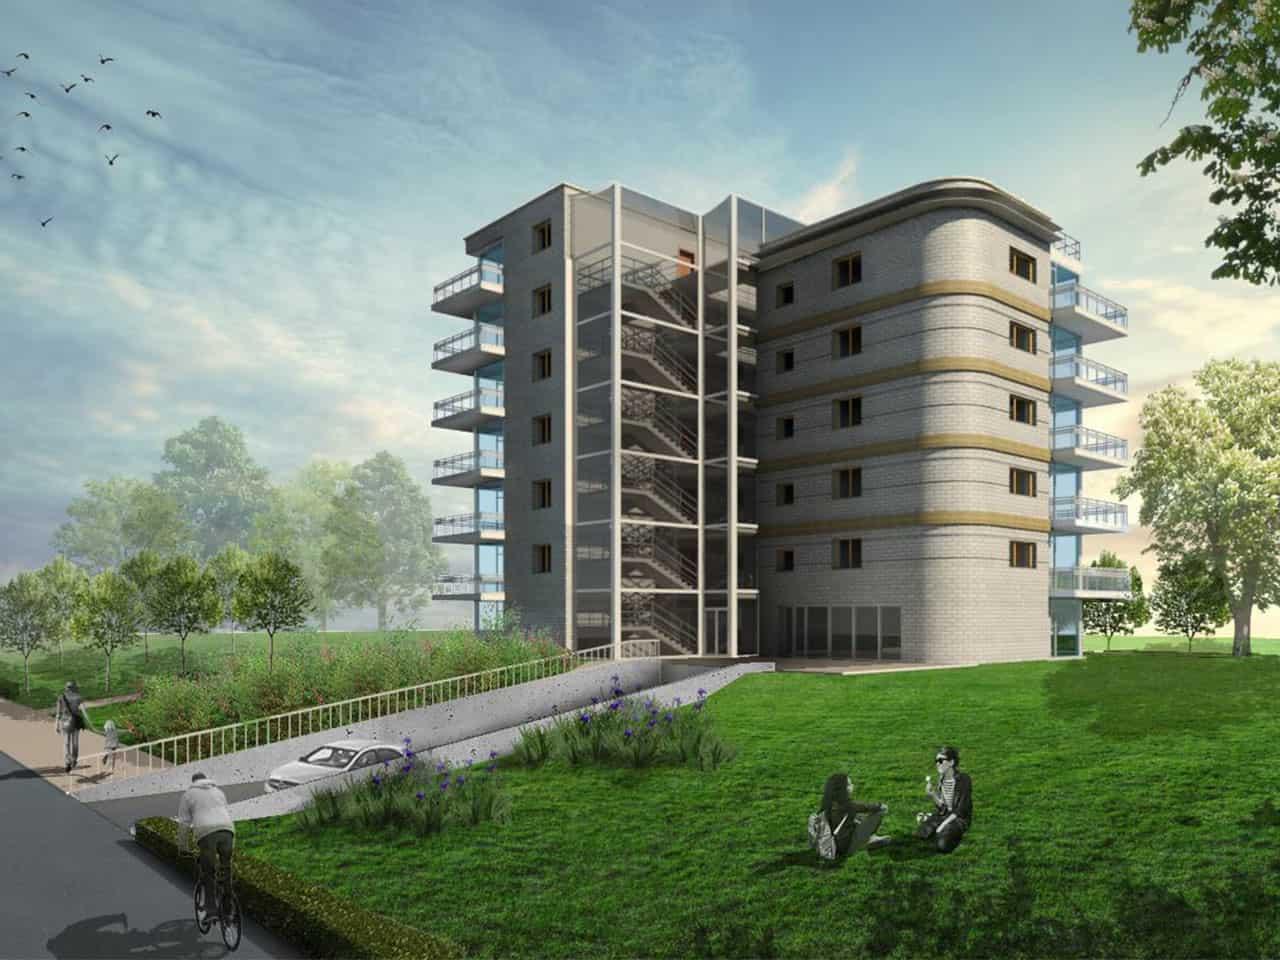 wizualizacja model budynku revit